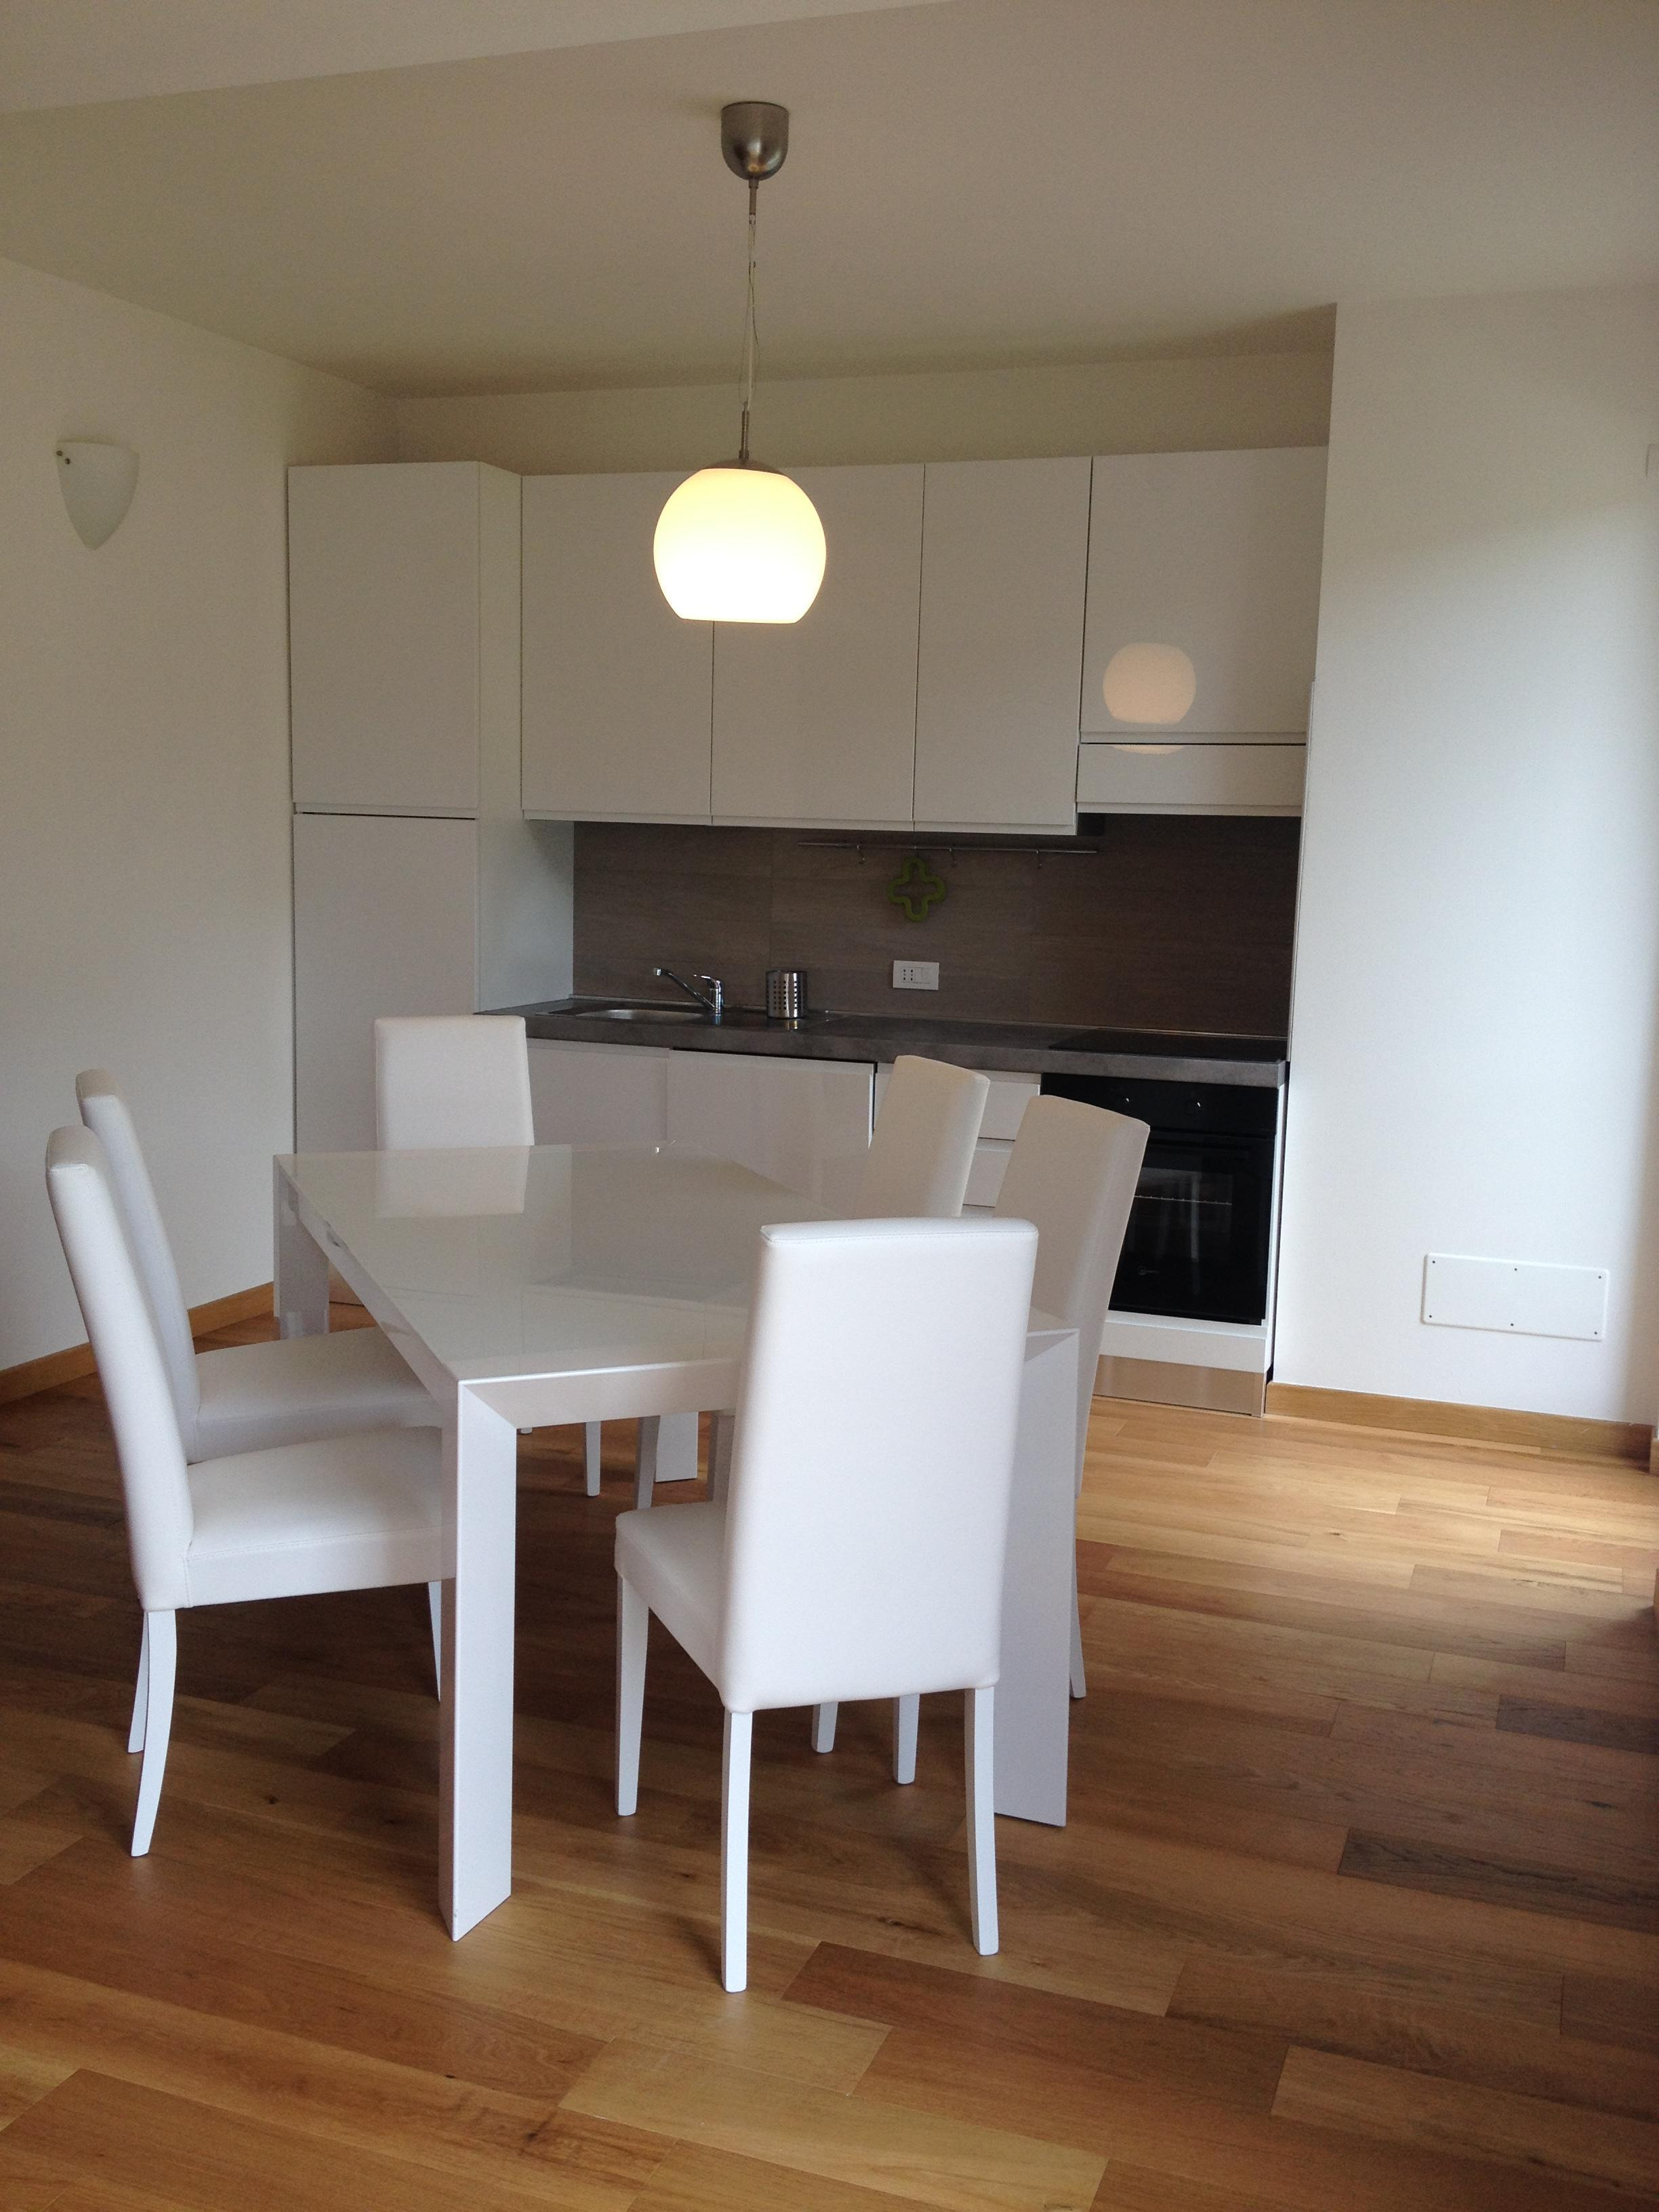 Penthouse mit 3 Schlafzimmer Ferienwohnung in Italien